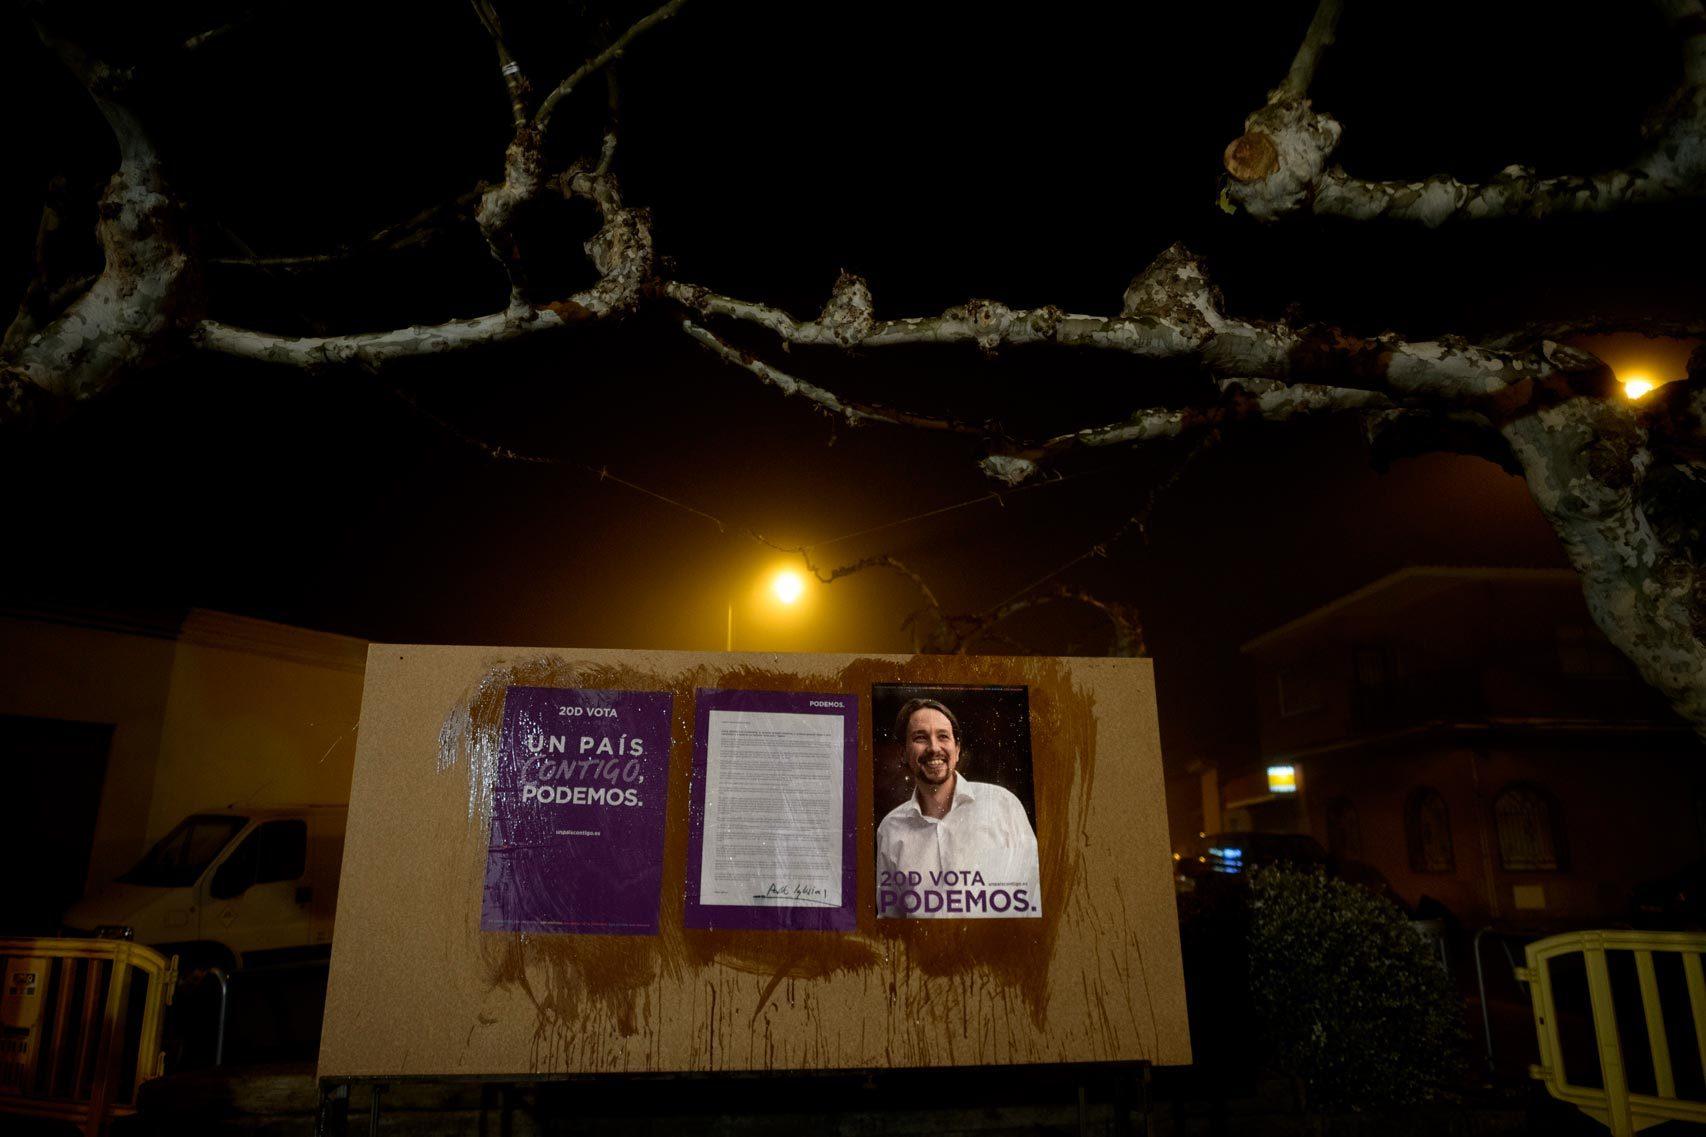 Pegada de carteles de Podemos en Zamora, donde arrancó la camapaña